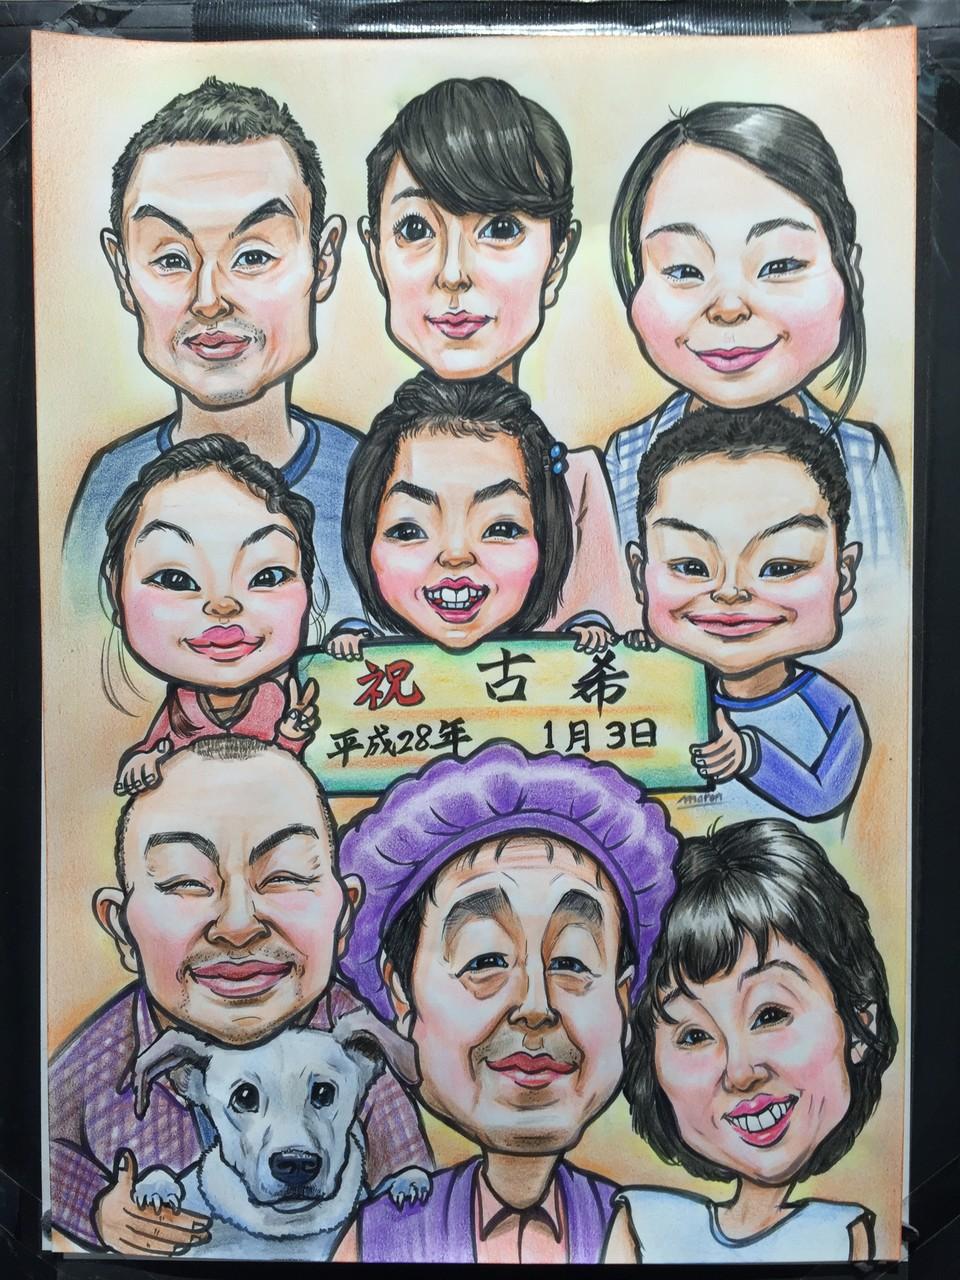 【カリカチュア似顔絵制作】ギフト・古希のお祝いに!